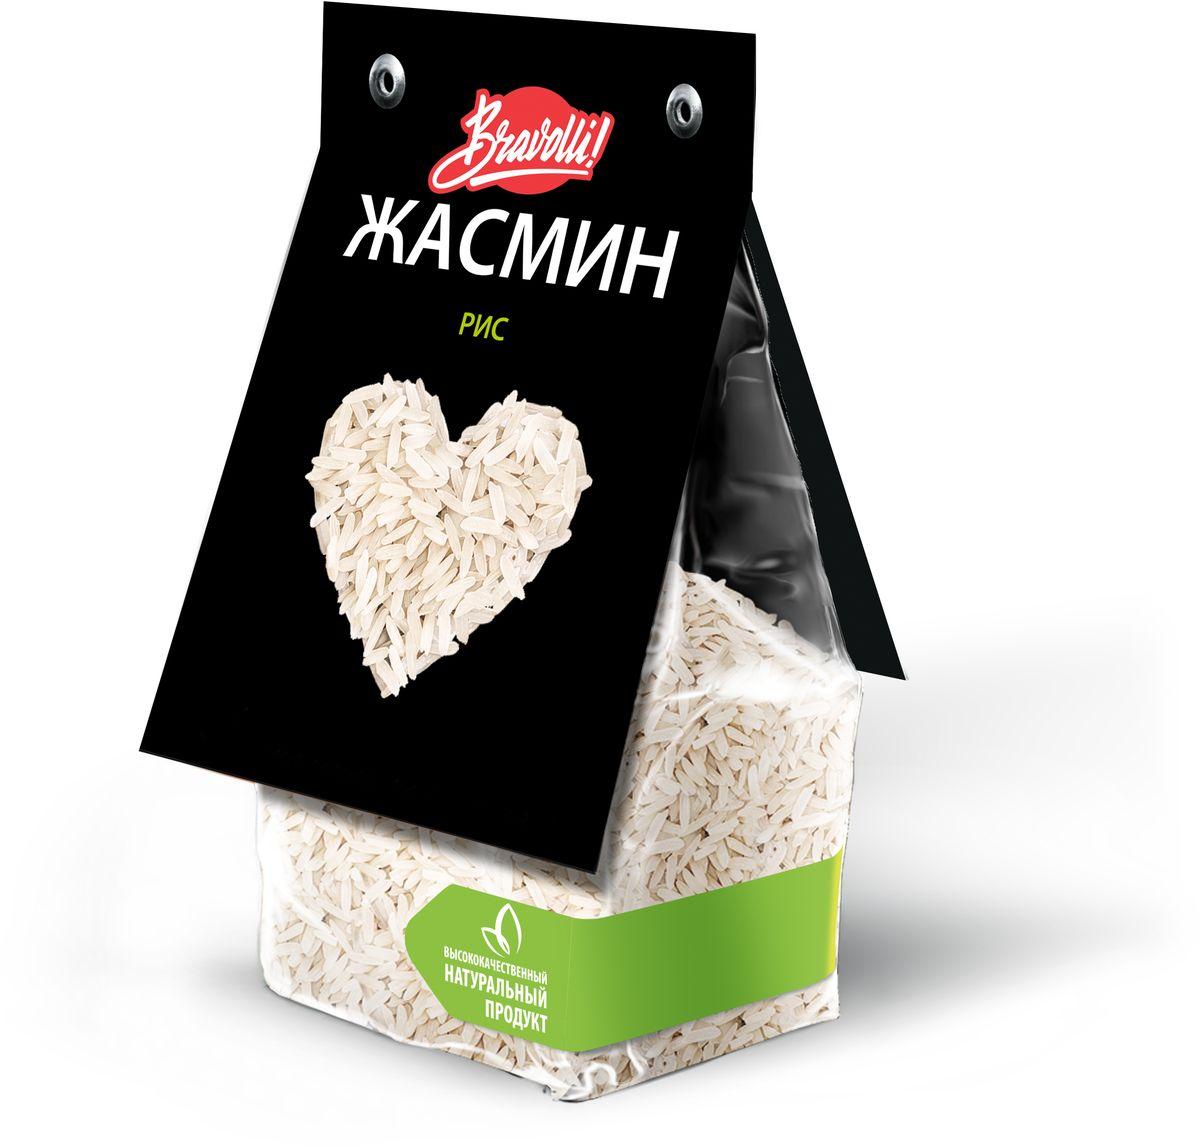 Bravolli Жасмин рис, 350 г мистраль рис акватика mix 500 г